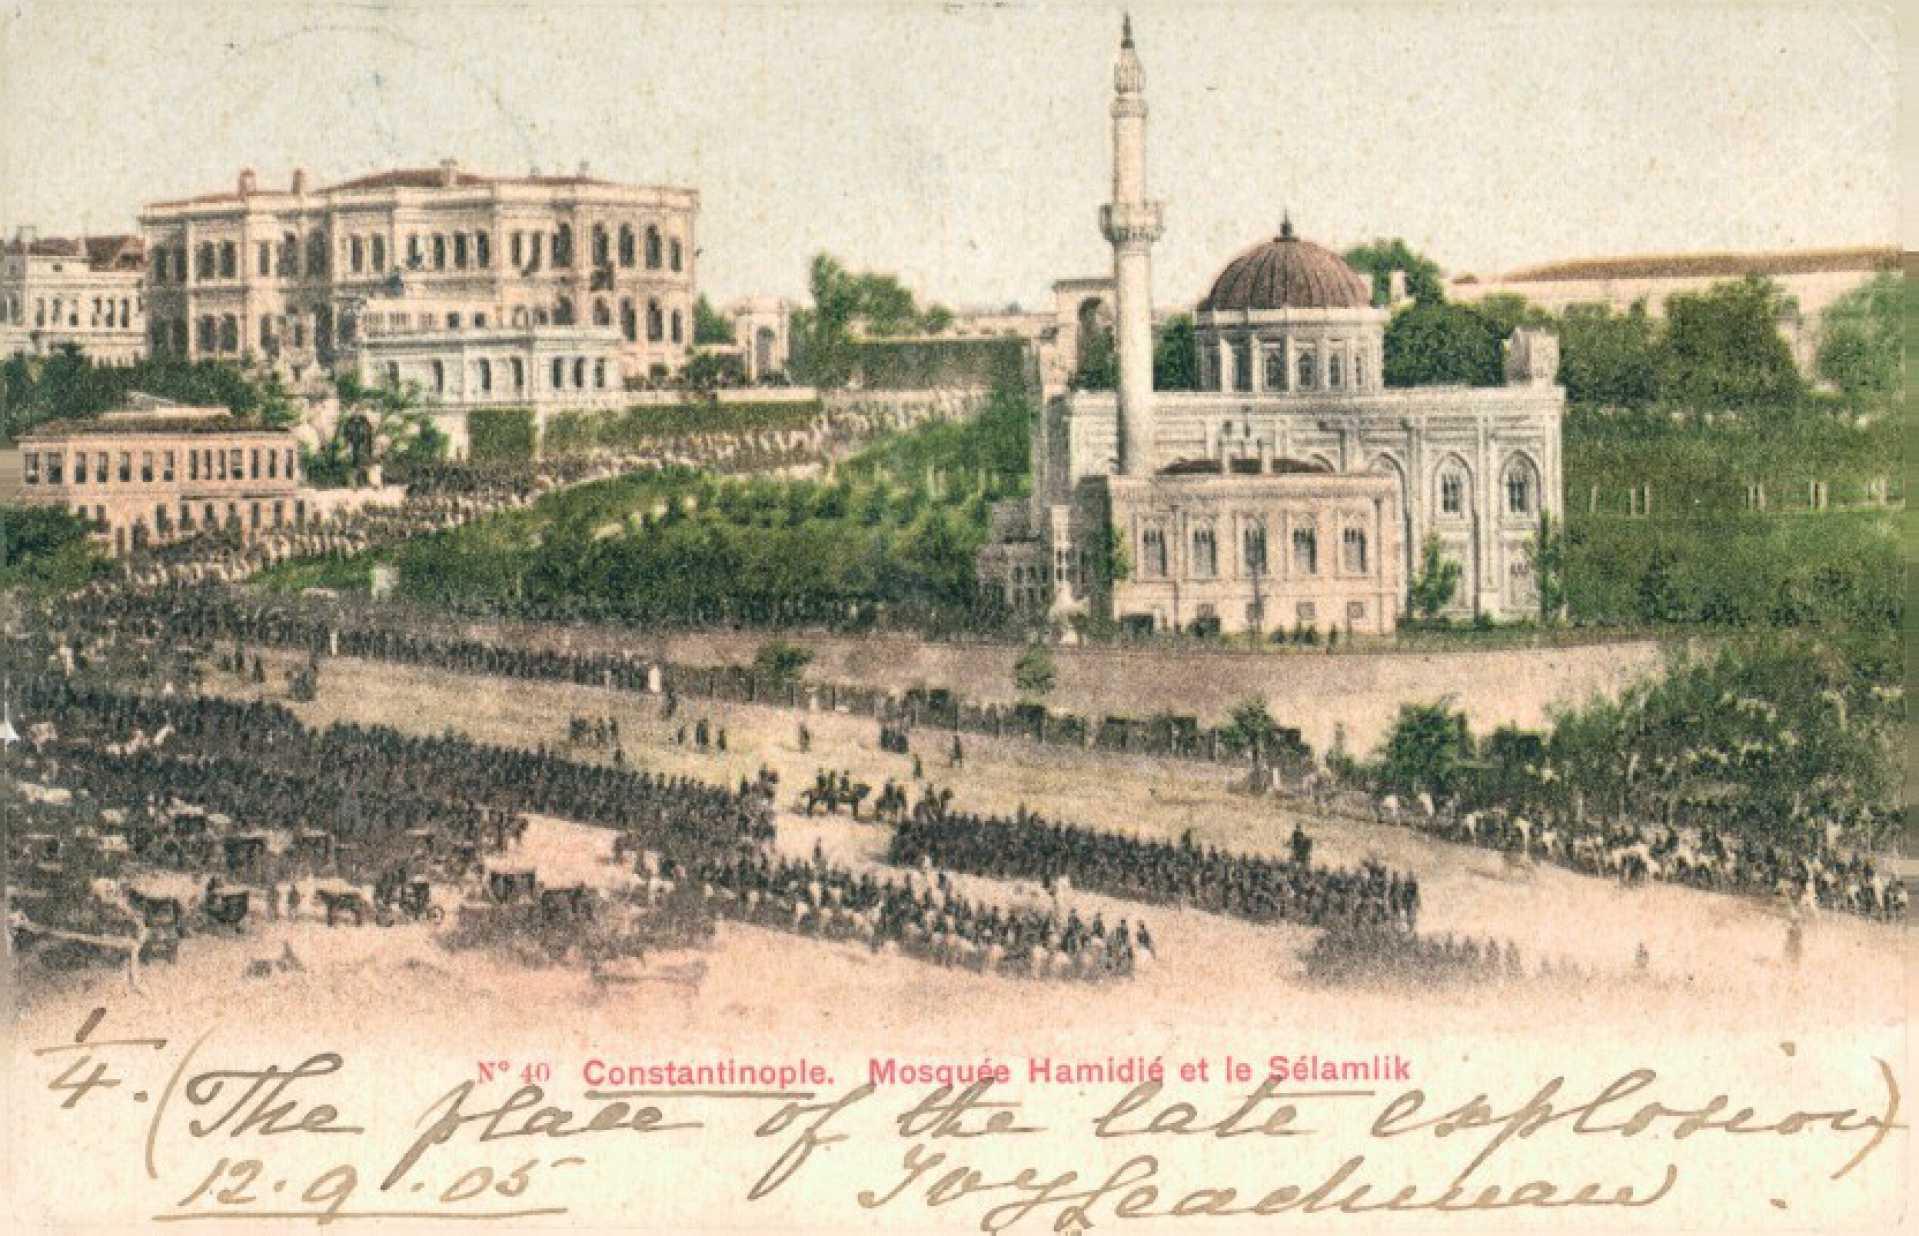 Mosquee Hamidie et le Selamlik